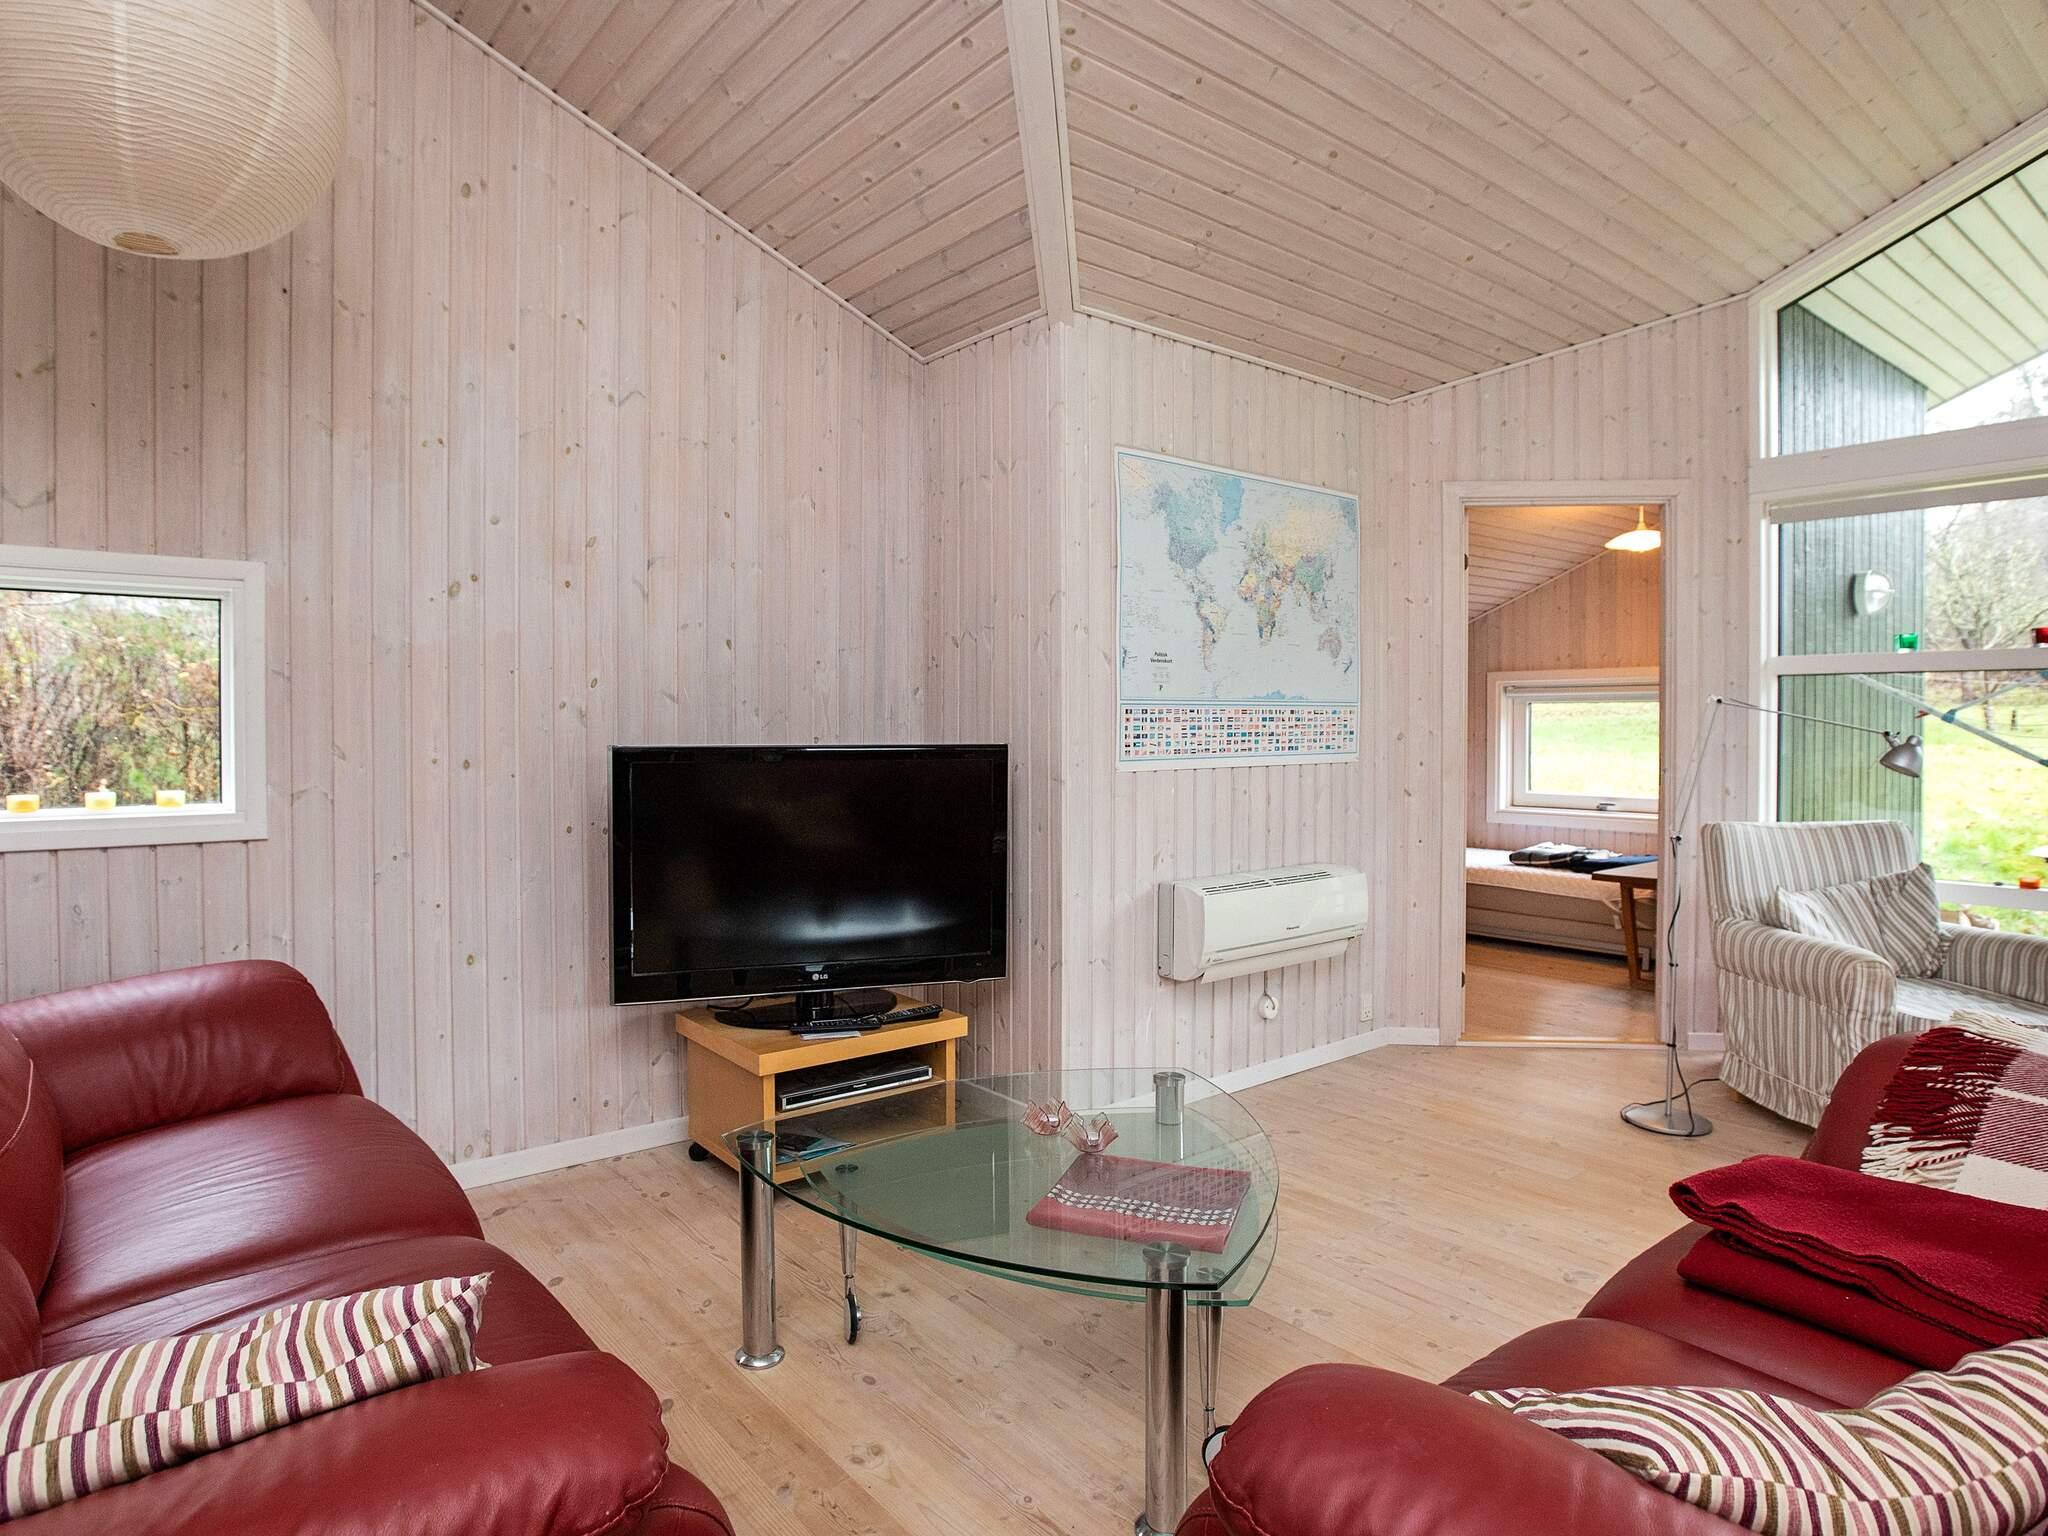 Ferienhaus Vejby (2701529), Vejby, , Nordseeland, Dänemark, Bild 2